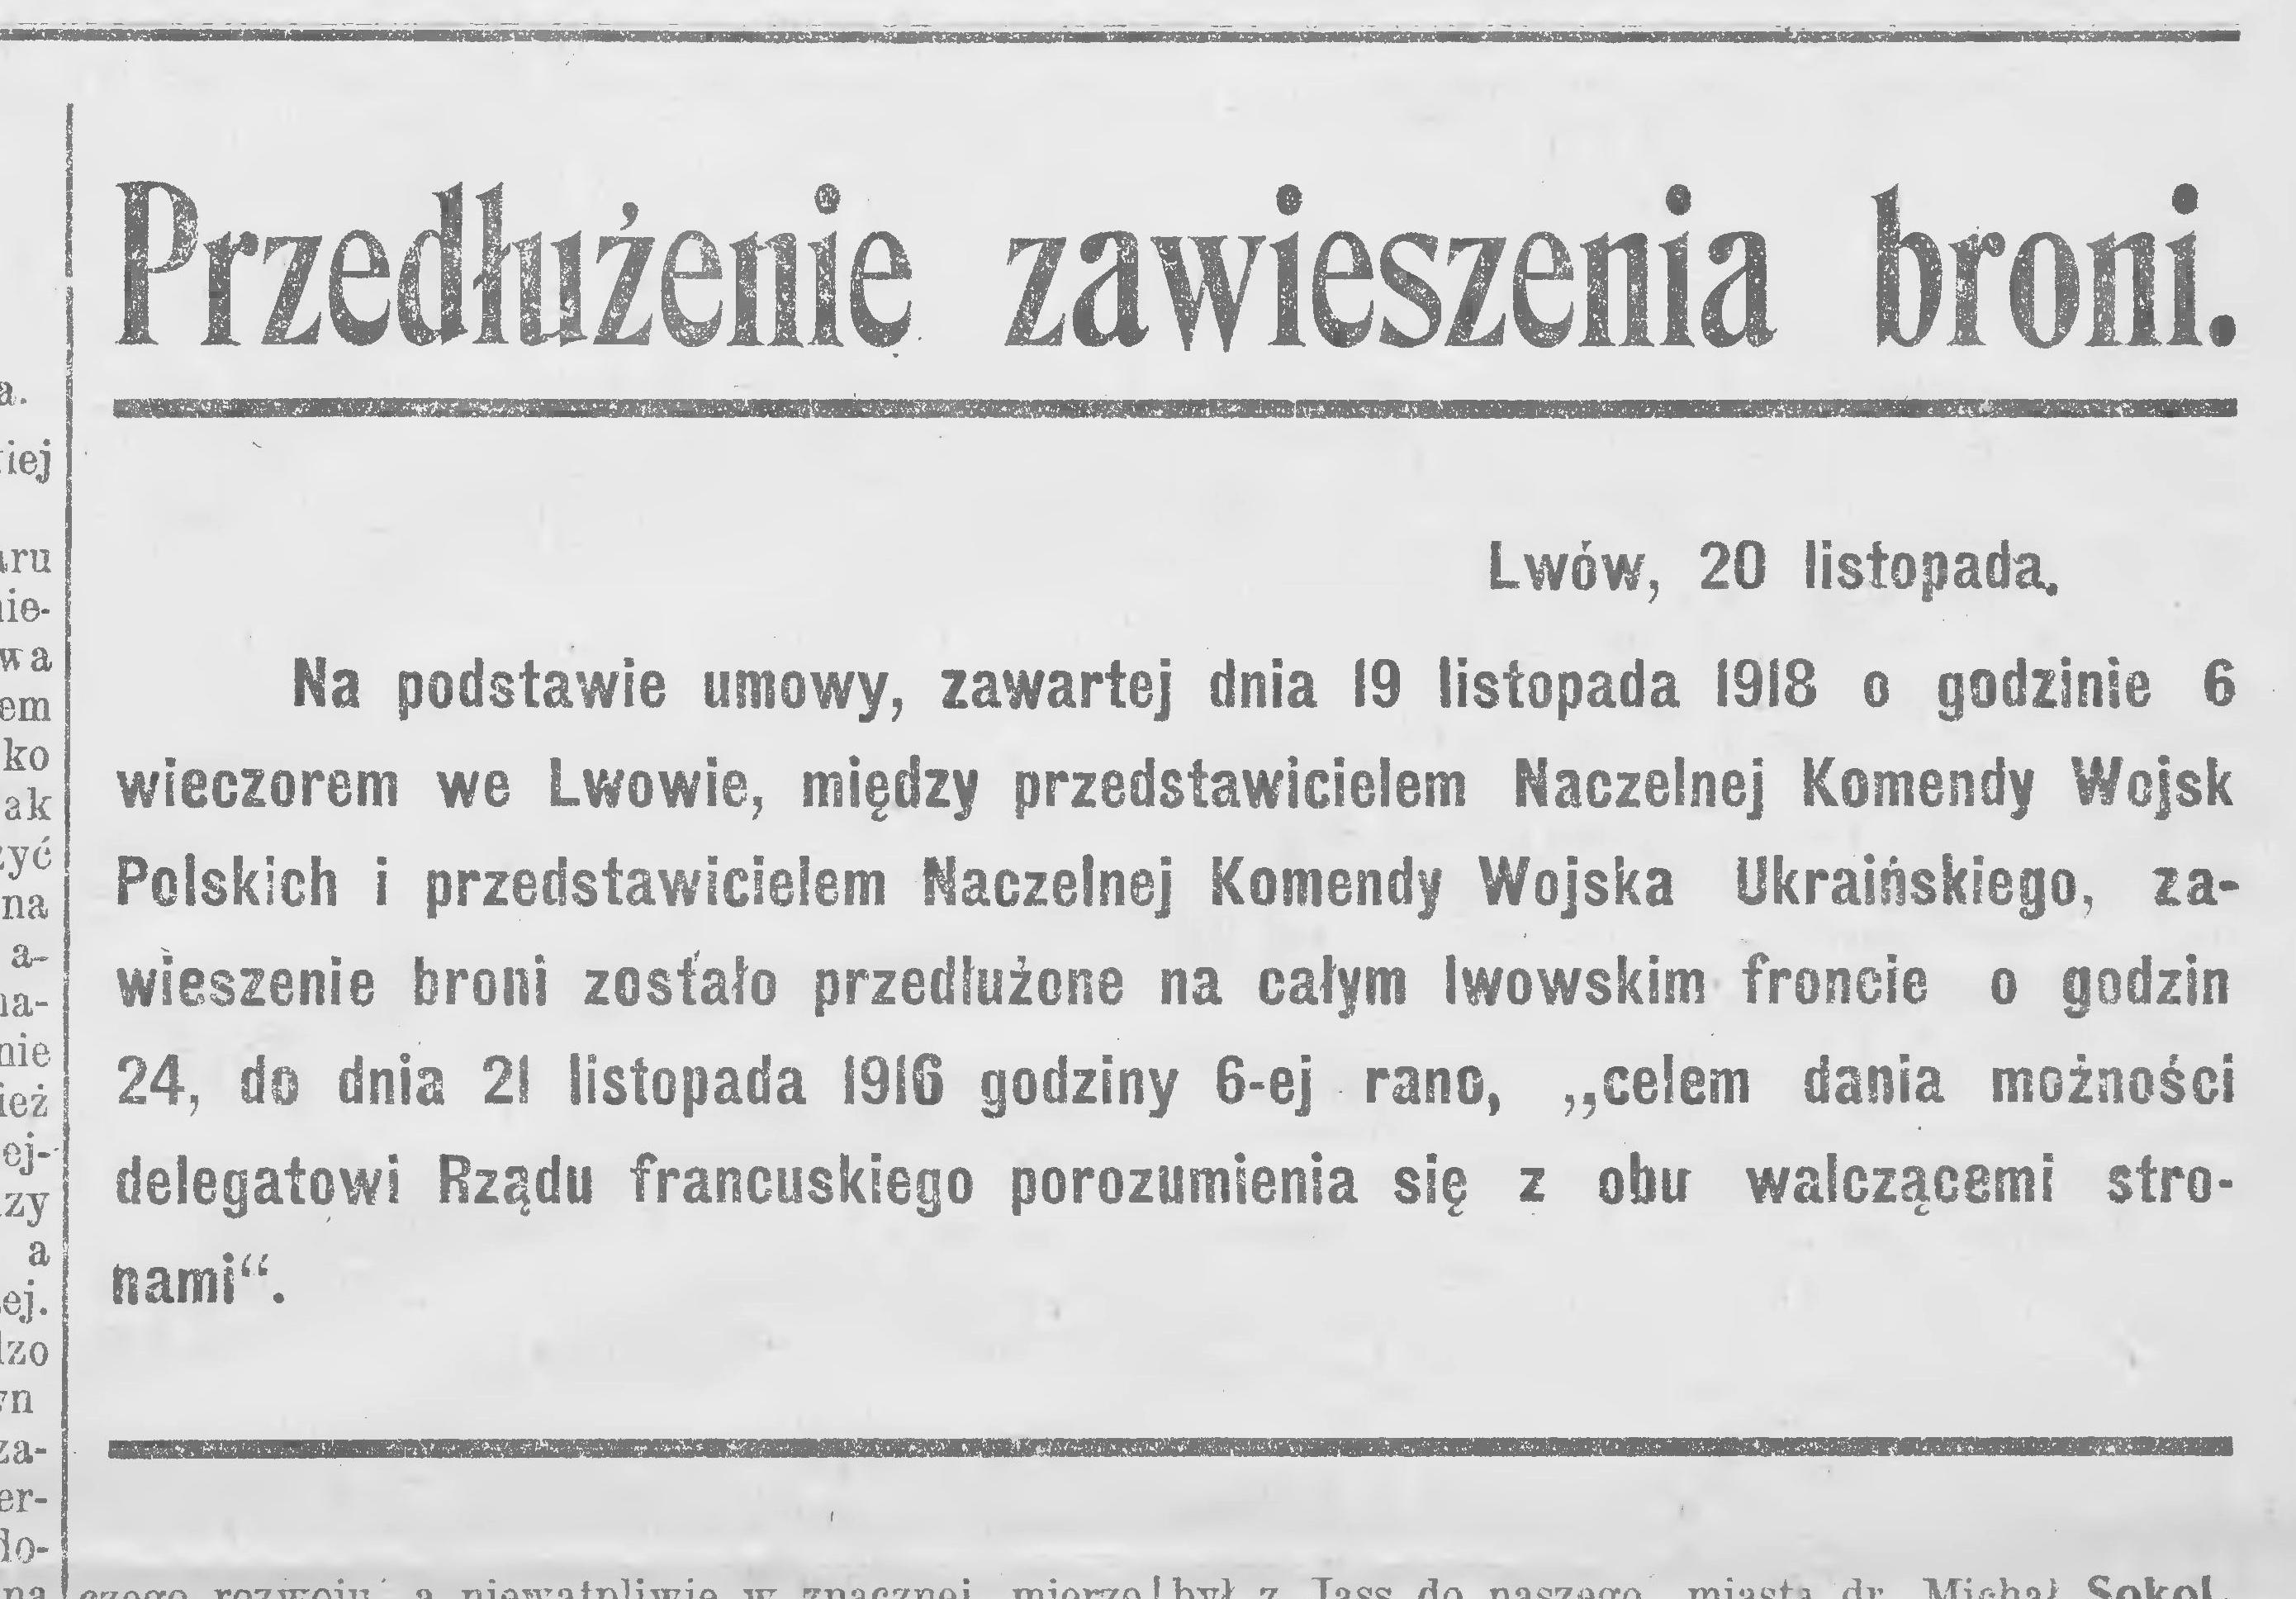 Поручник Людвік де Ляво (Ludwik de Laveaux), представник Начальної команди Польських військ що підписав угоду про перемир'я